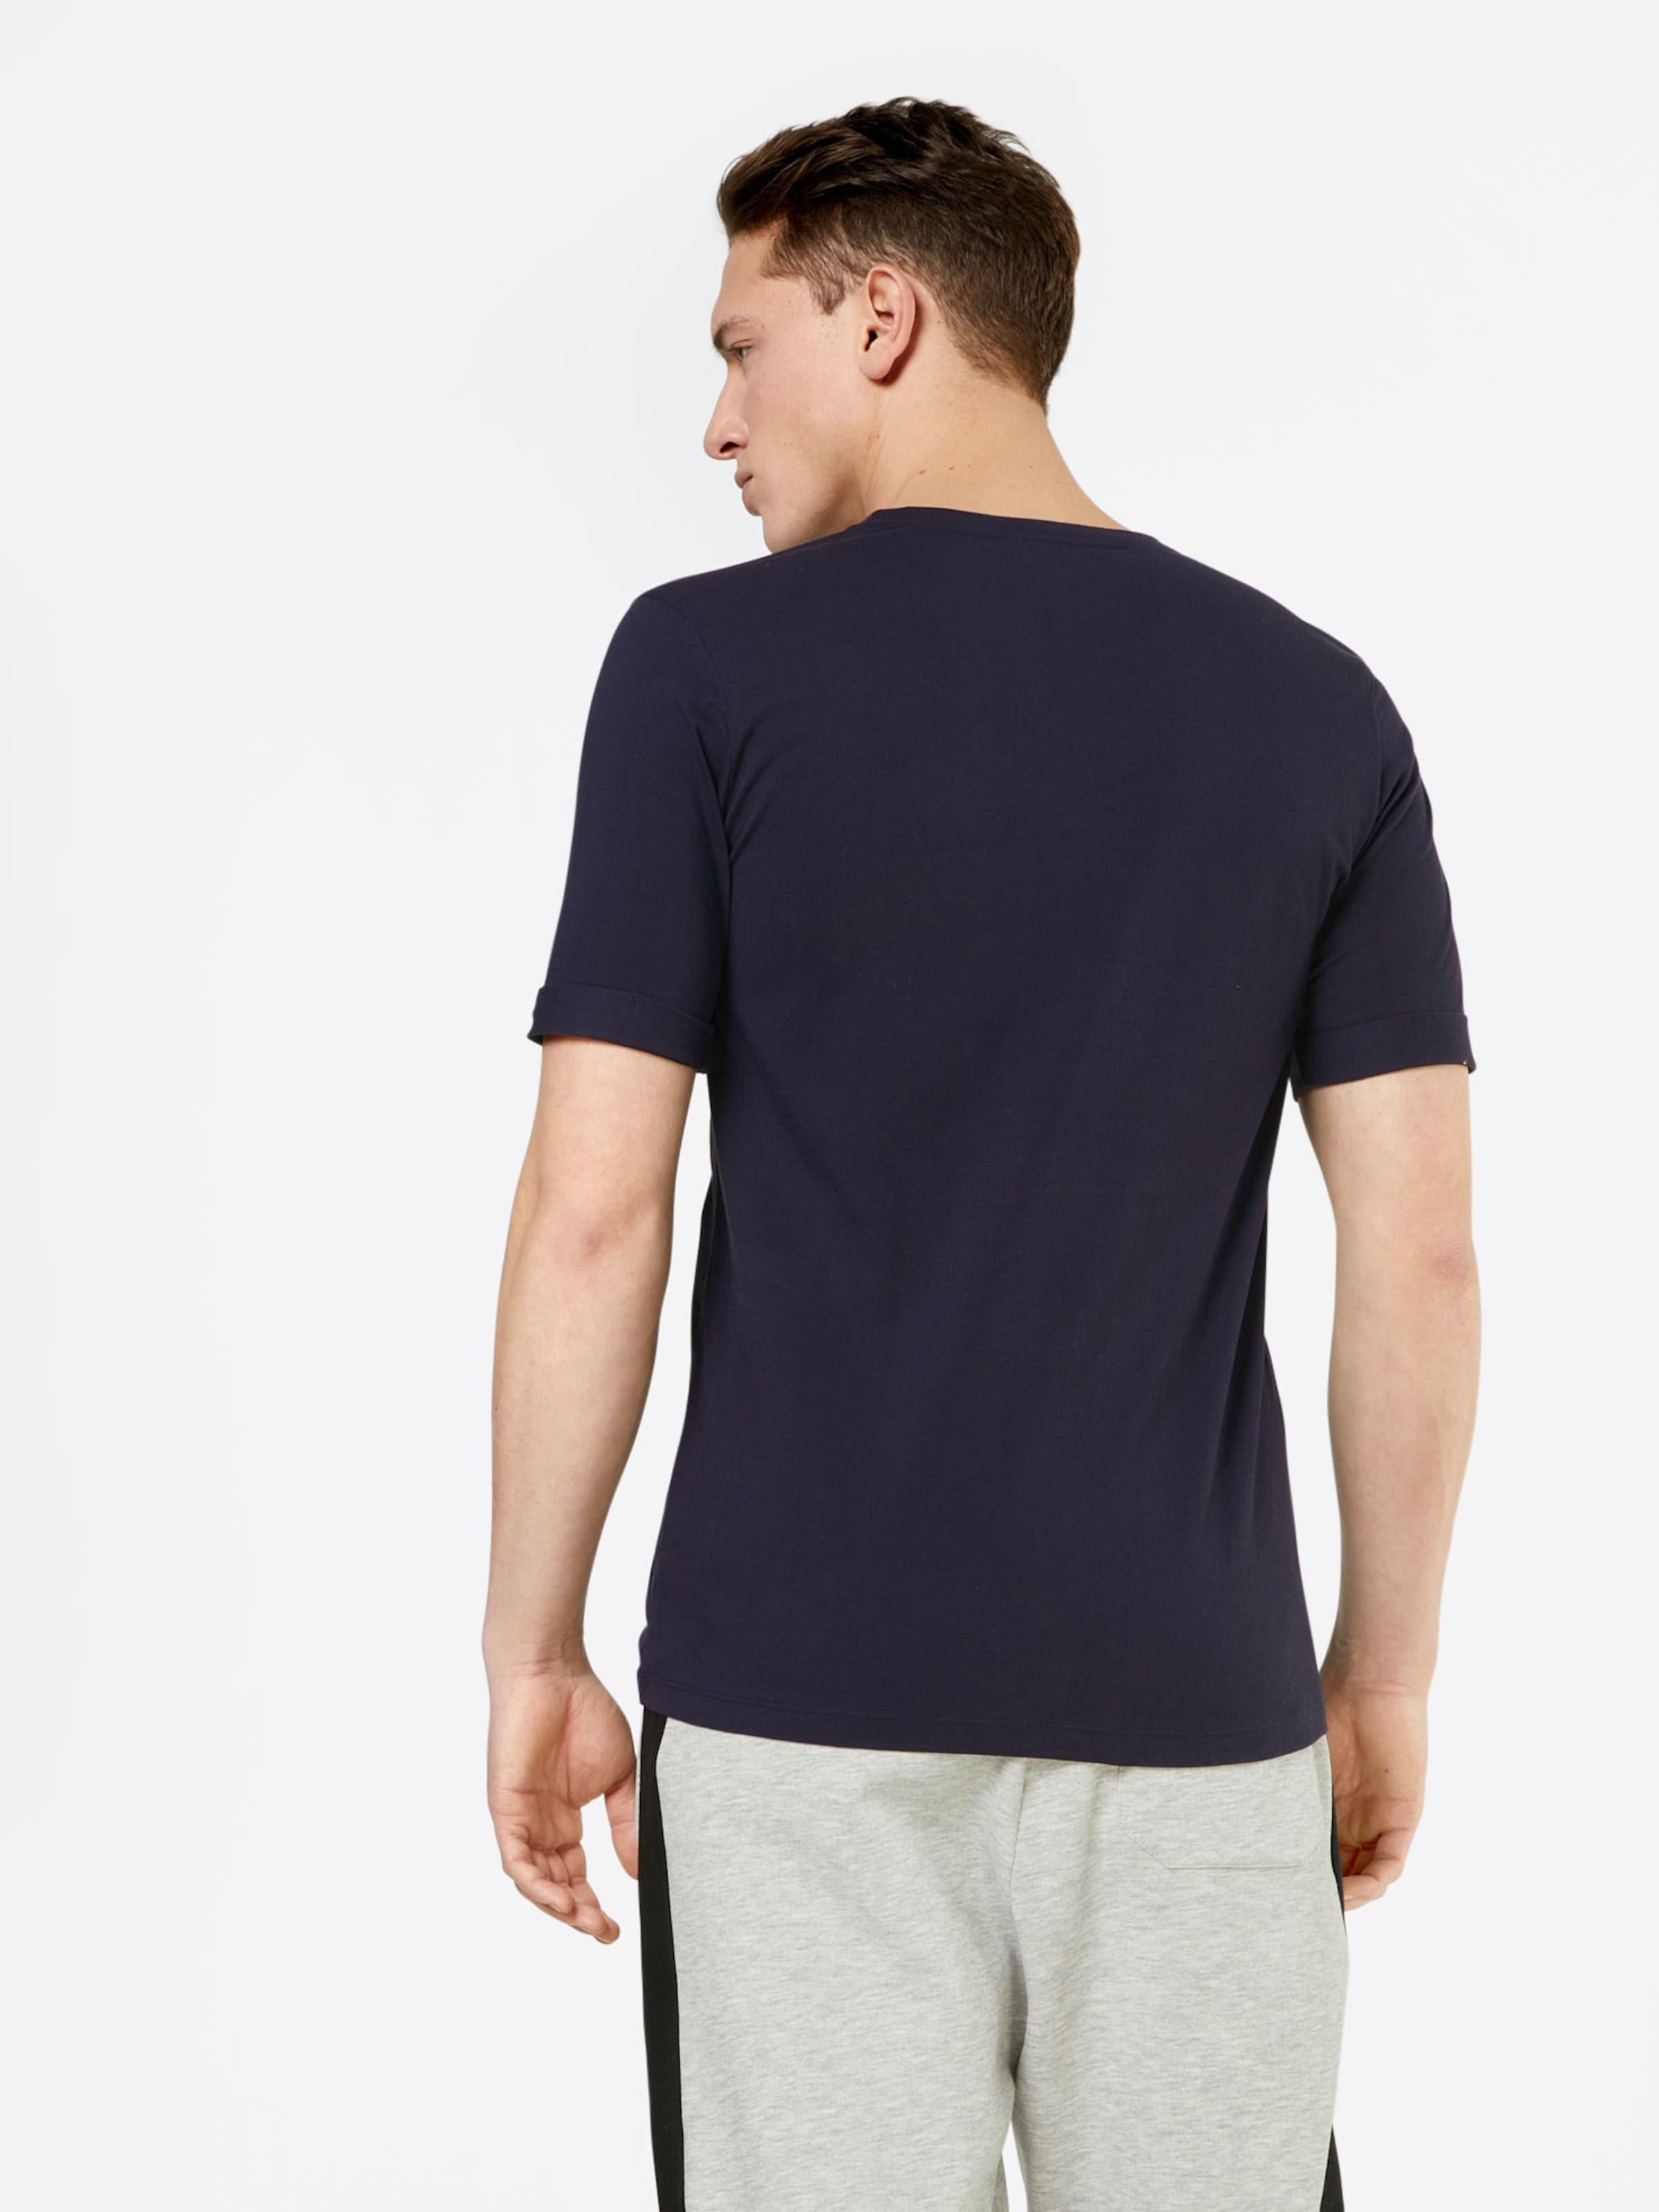 For Foncé En Michalsky You 'ole' Bleu shirt About T 345LARj